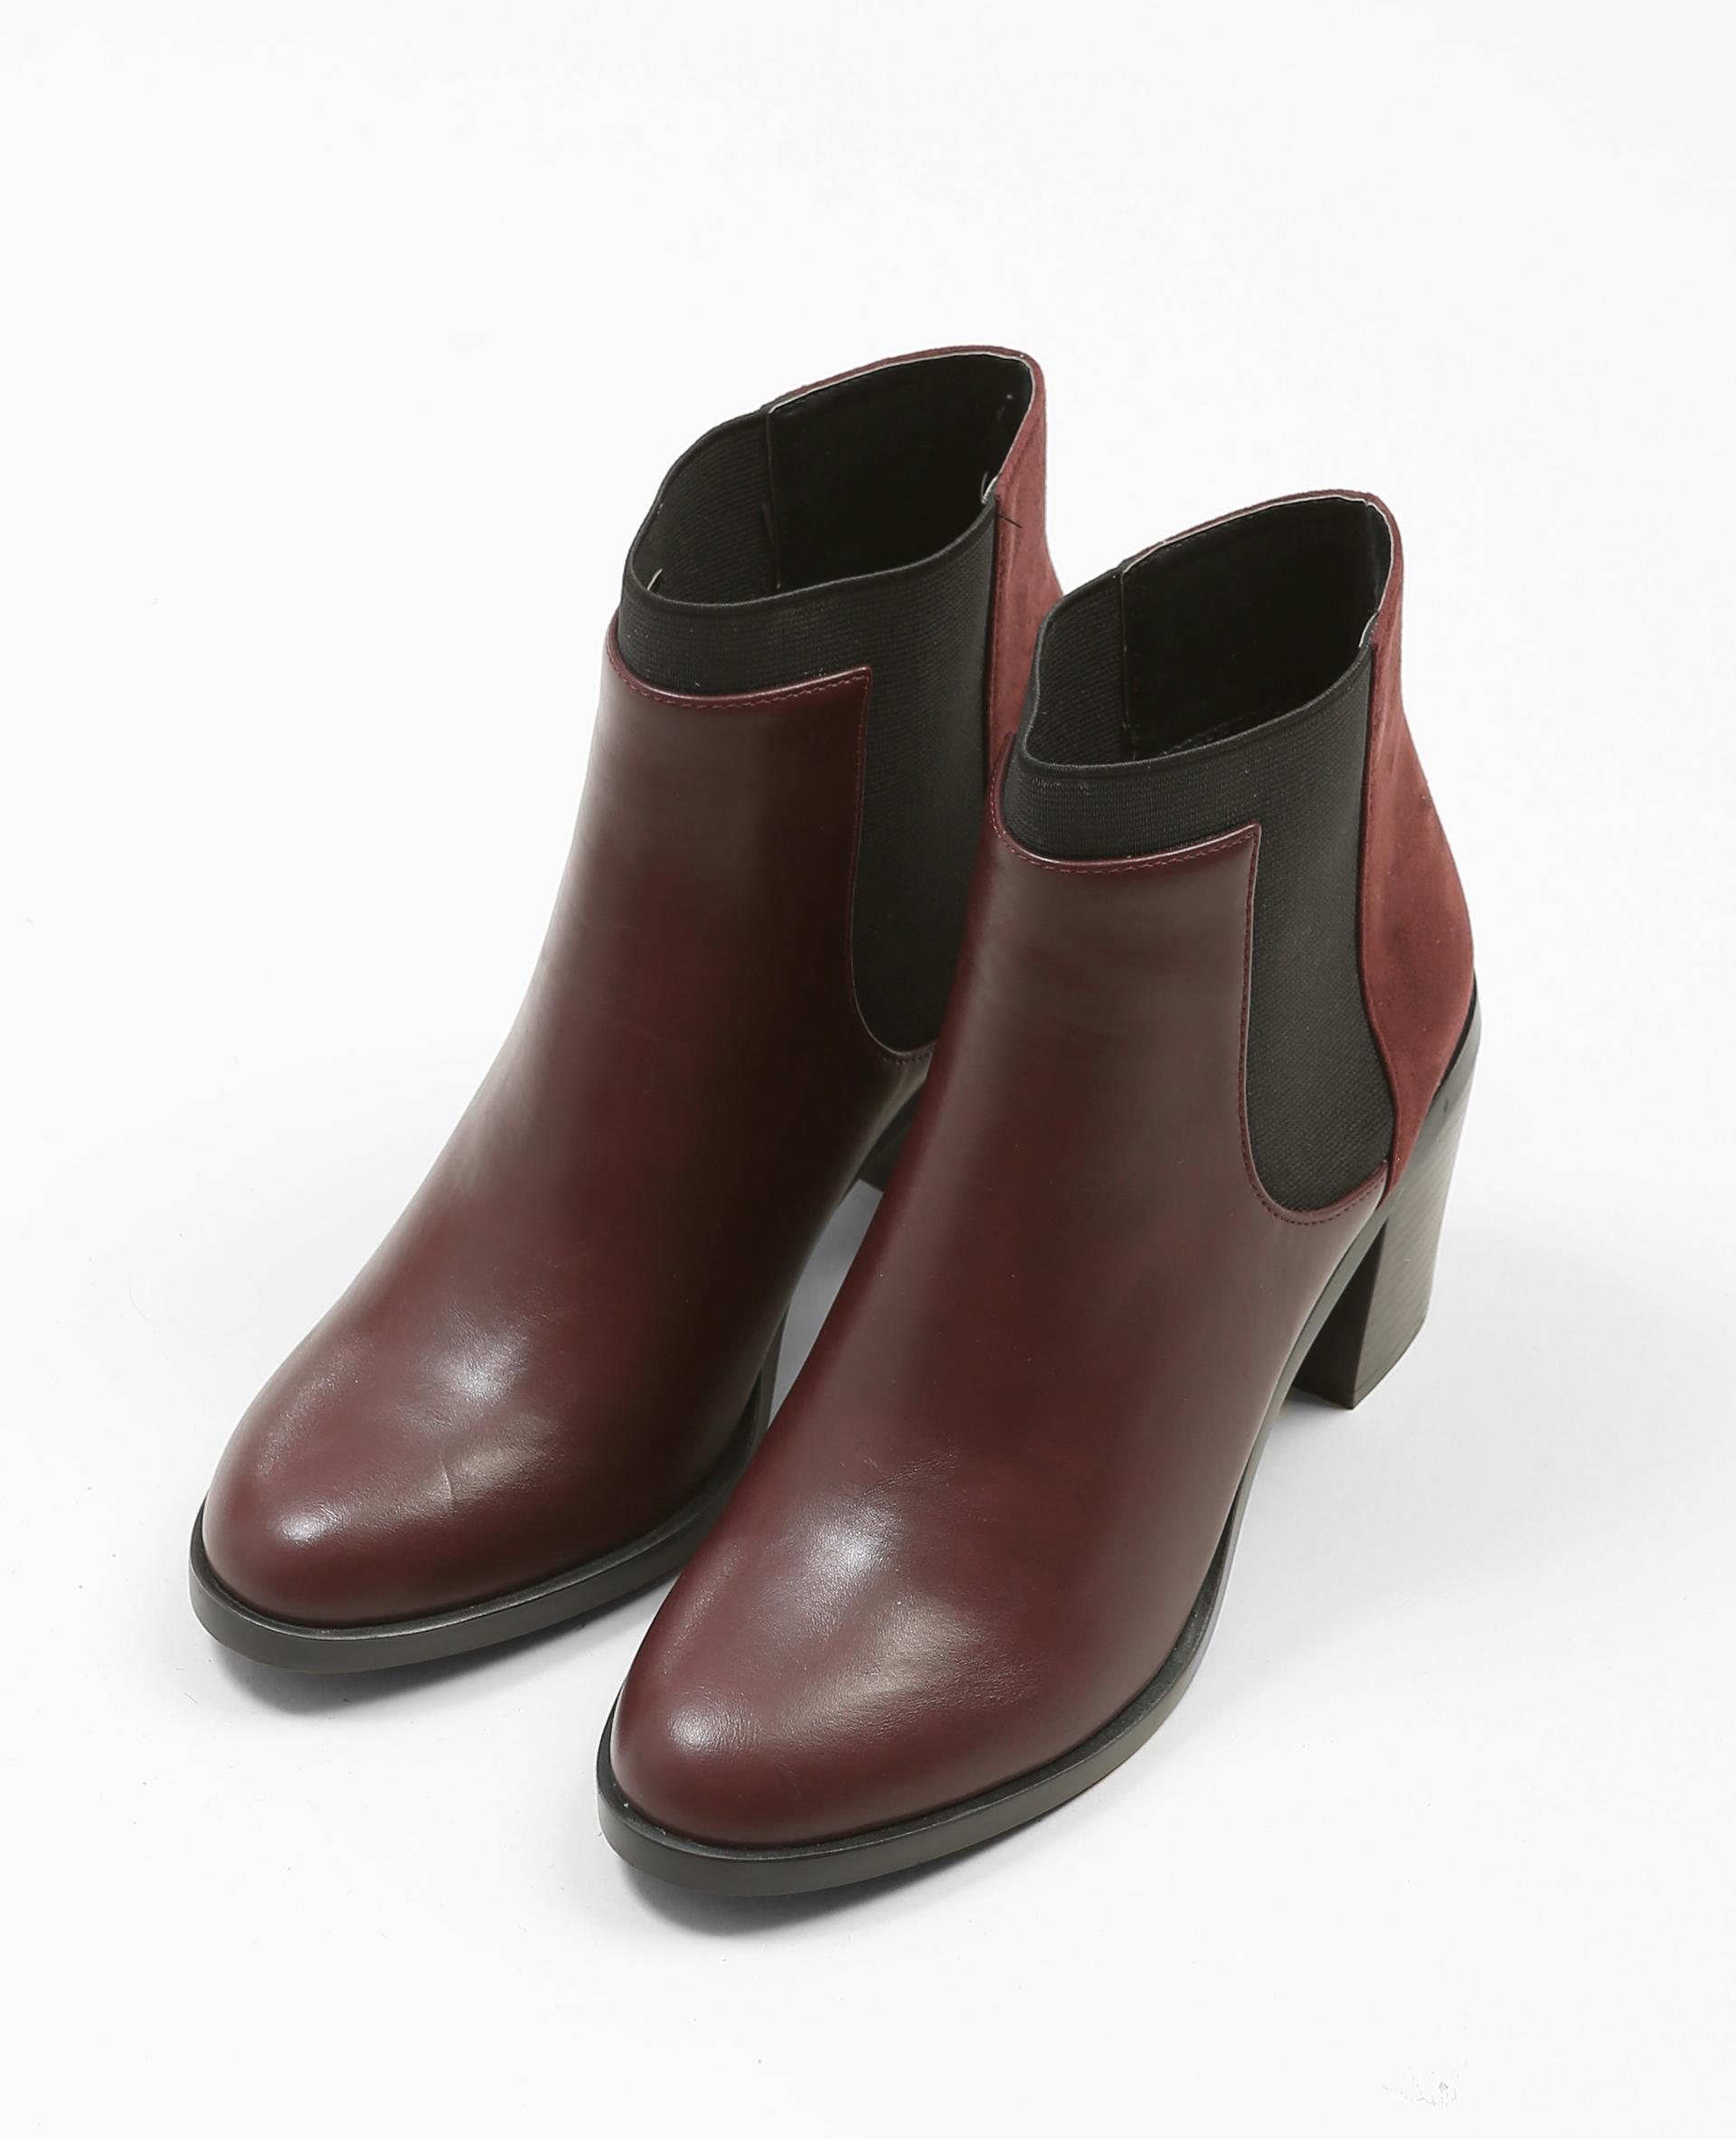 Boots à talons bimatière grenat - Pimkie